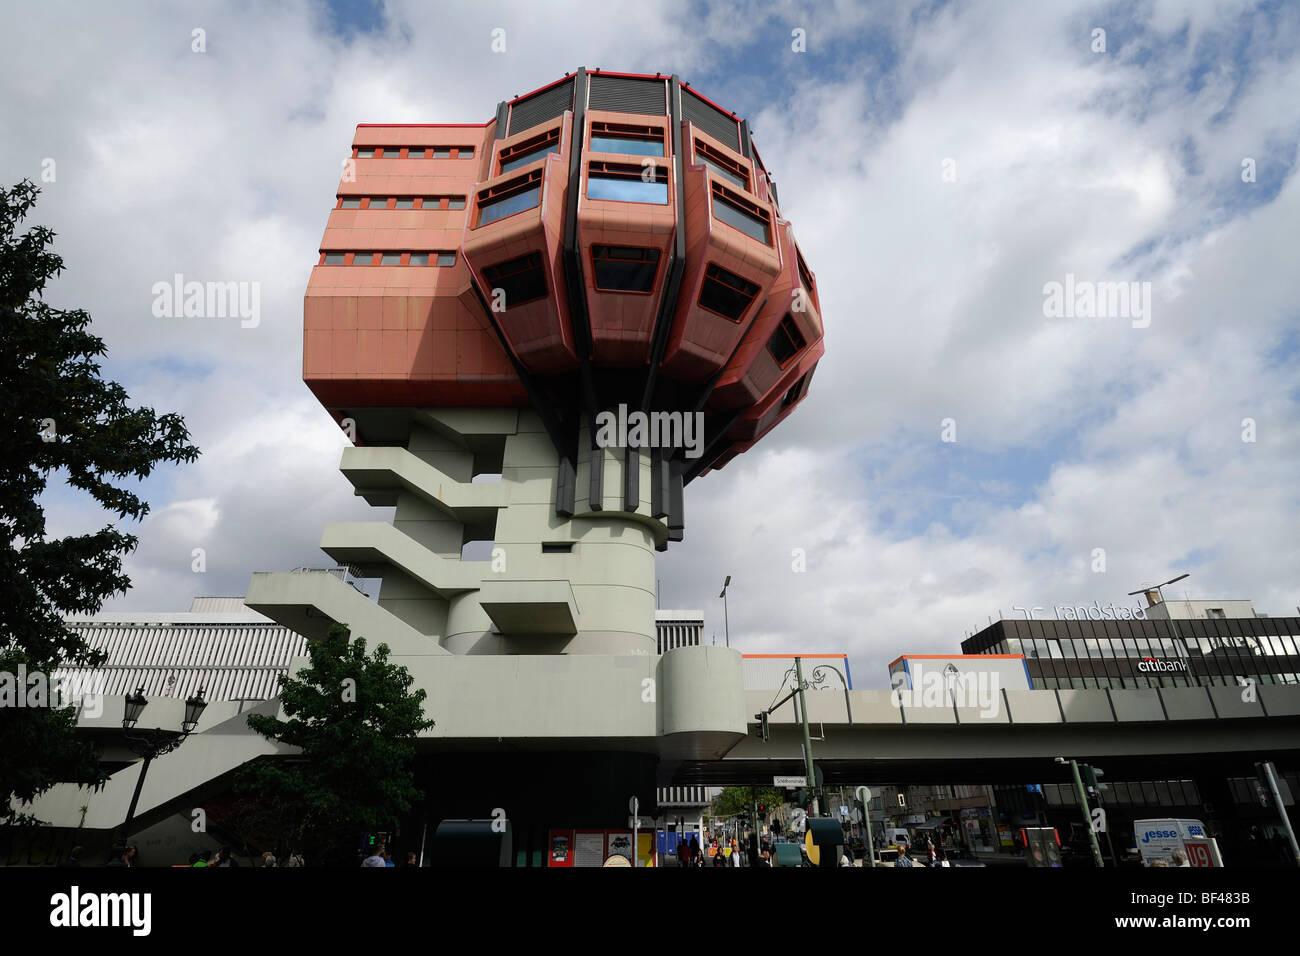 Berlin. Deutschland. Bierpinsel deswegen, ungewöhnliche 70er Bar & Restaurantgebäude in Steglitz. Stockfoto